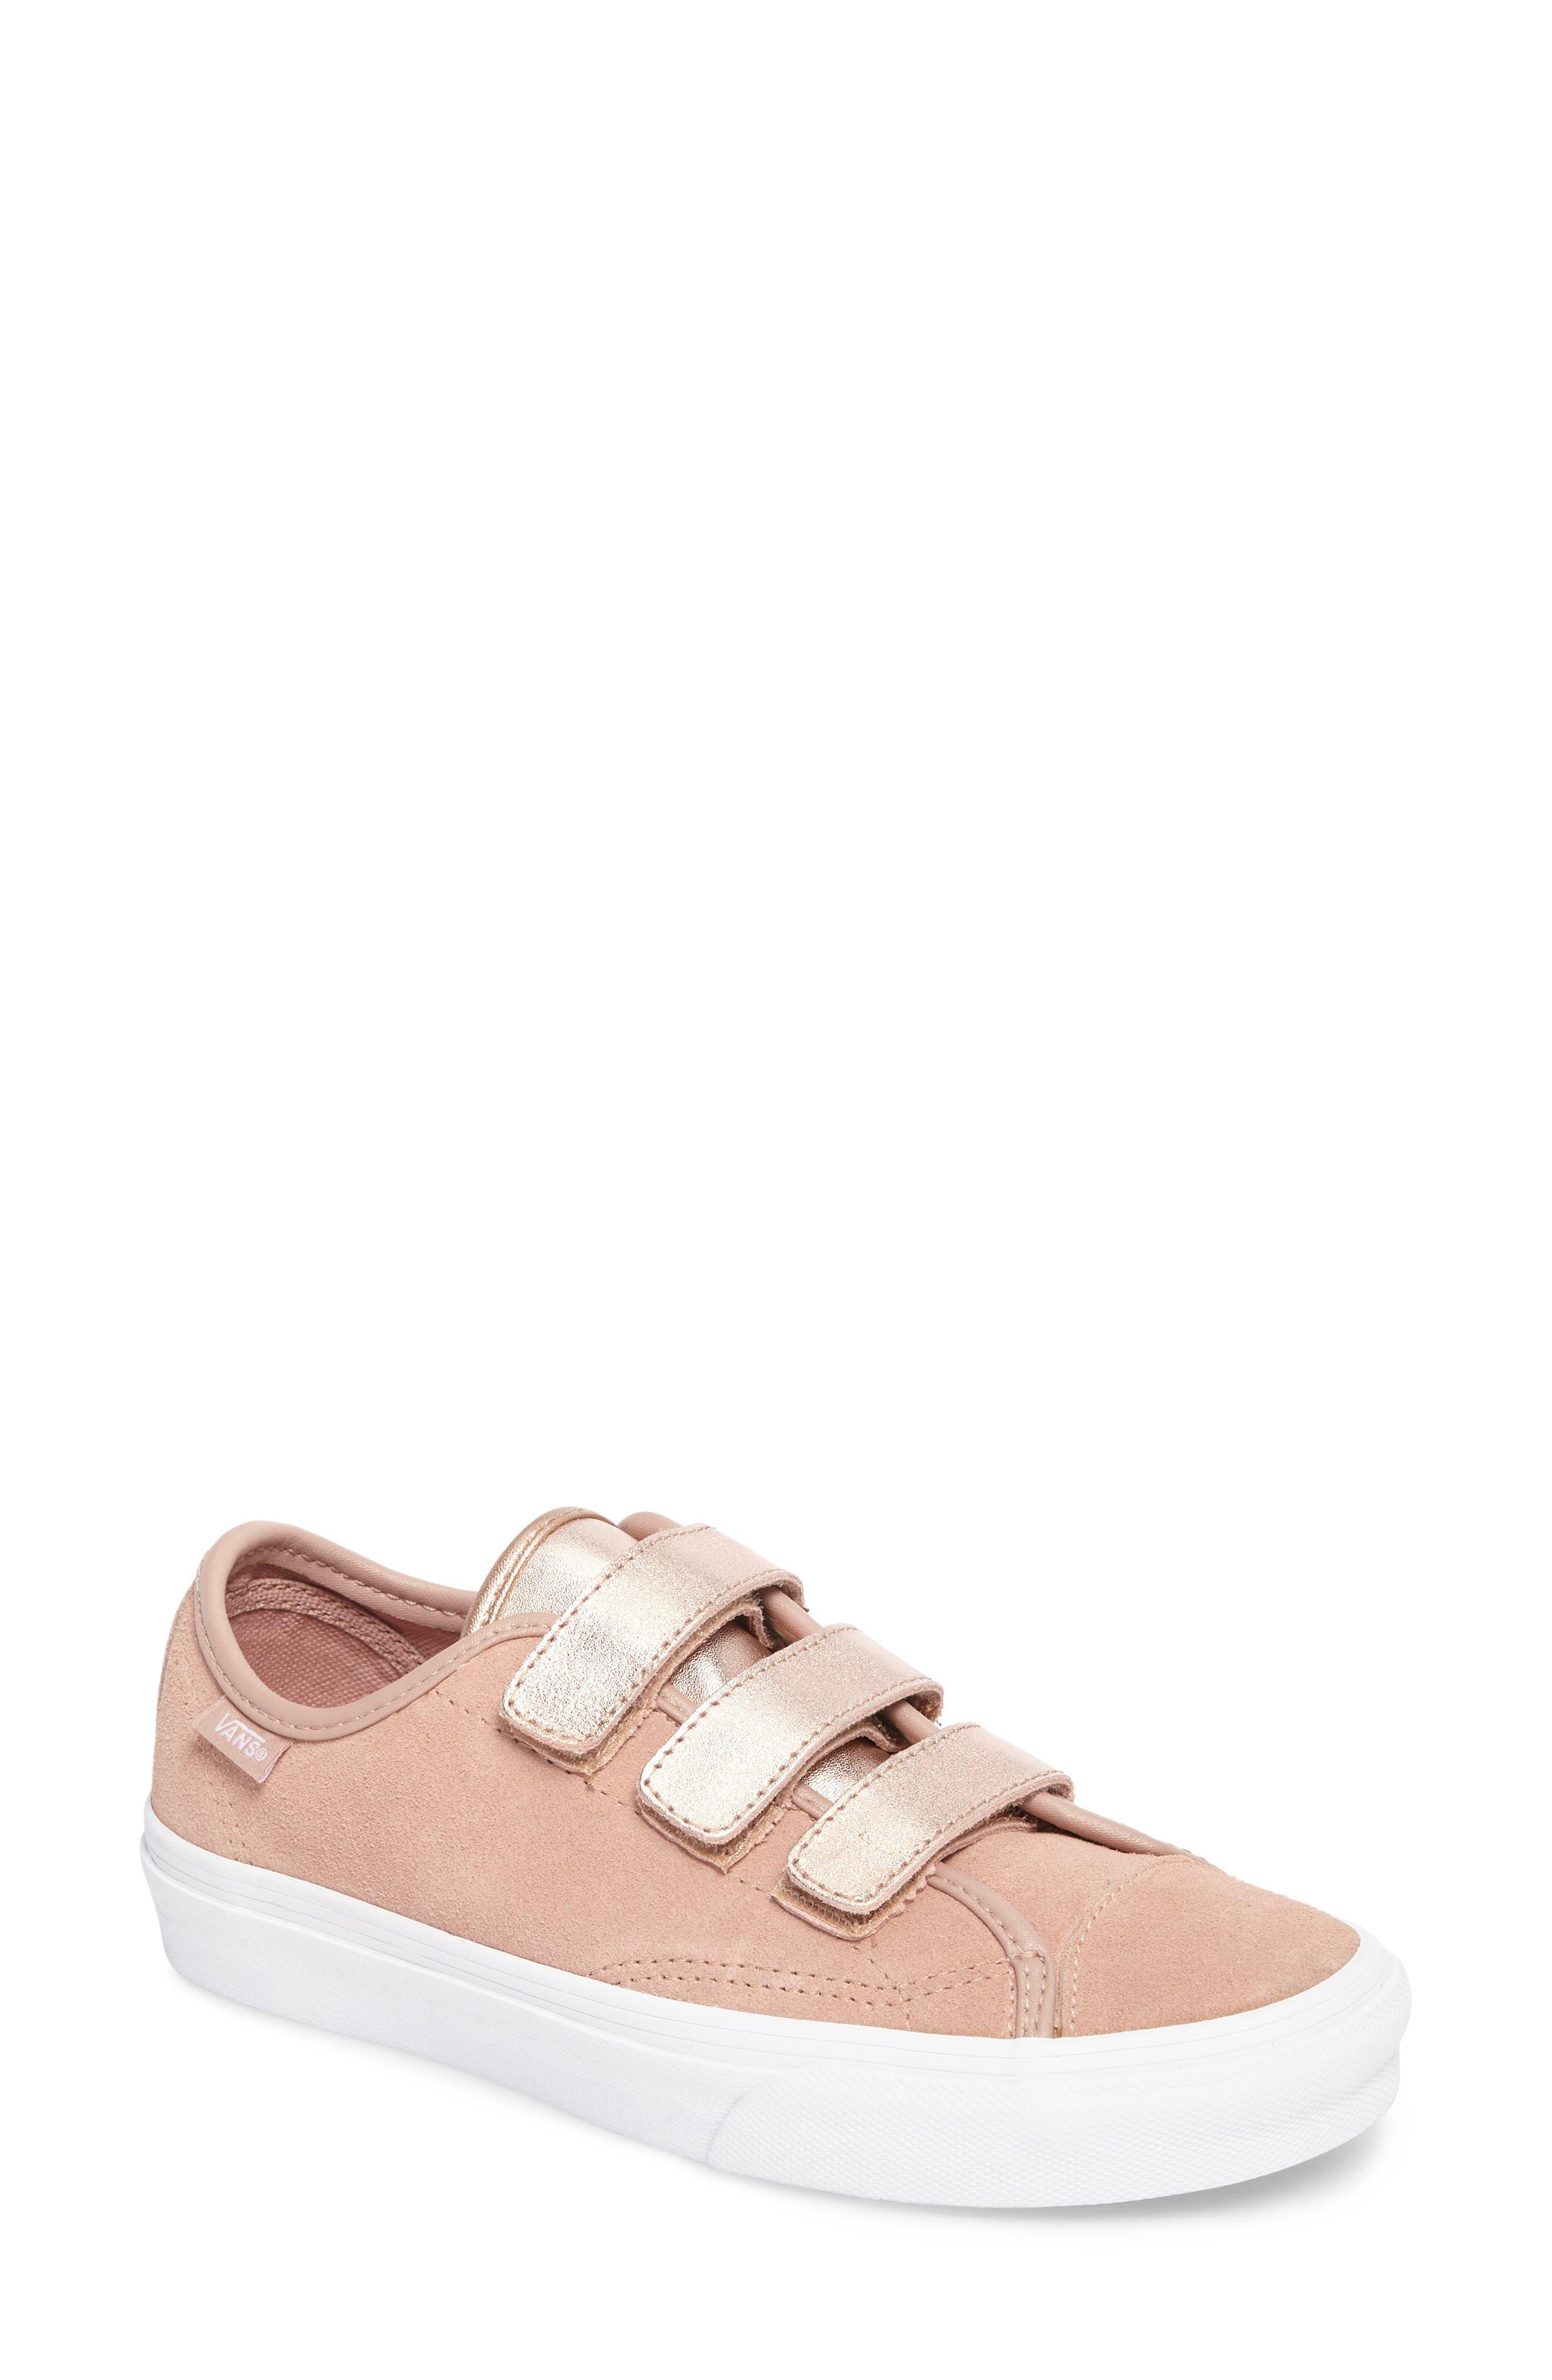 Main Image - Vans Style 23 V Sneaker (Women)